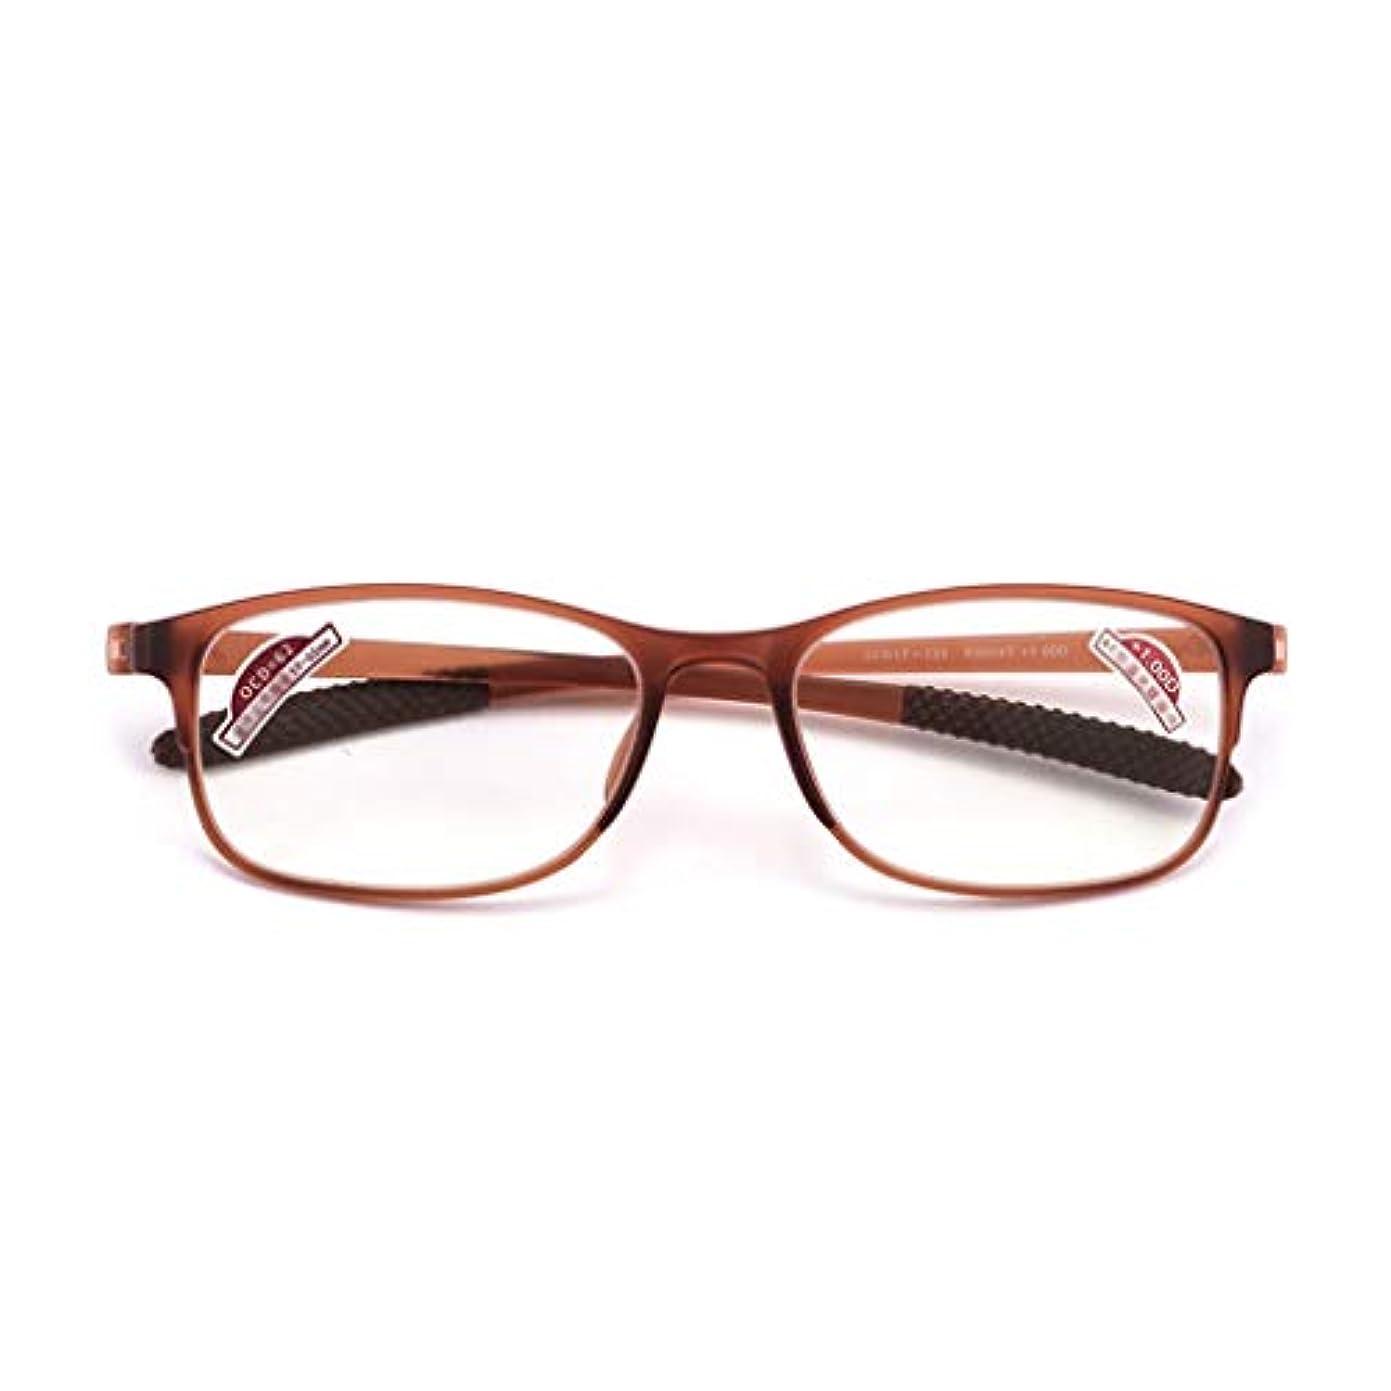 宣伝アトミック抜け目がないLCSHAN マルチフォーカスレトロ老眼鏡アンチブループログレッシブ男性と女性のインテリジェントズーム (Color : Brown, Size : 300 degrees)